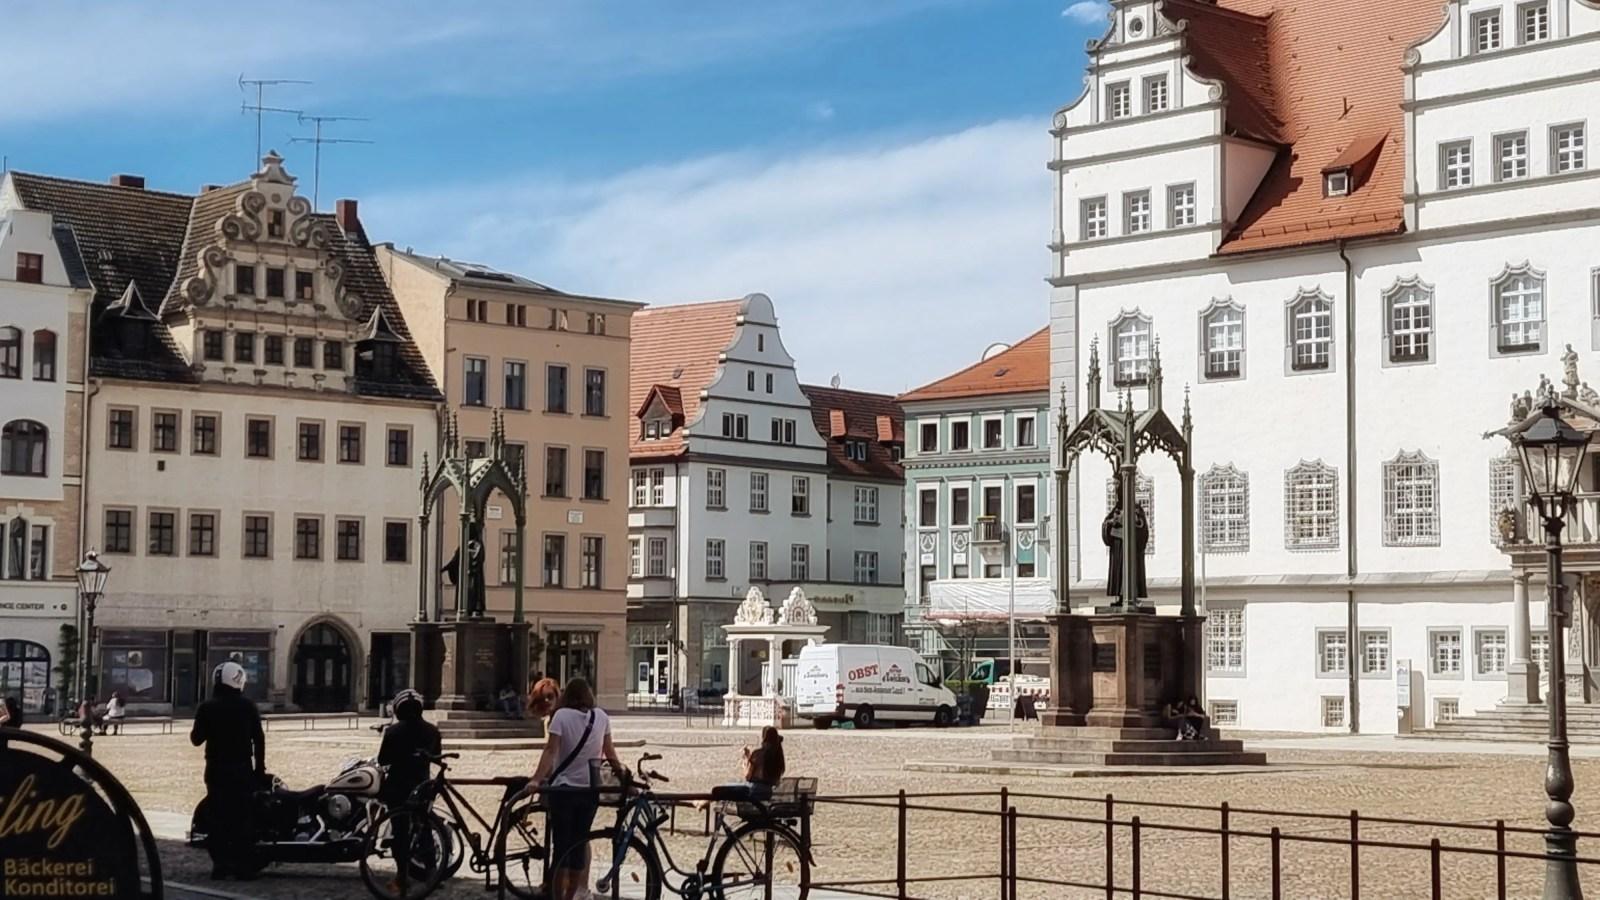 Lutherstadt Wittenberg, Unesco-Welterbe in Sachsen-Anhalt, Museumsblogger, sehenswerte Städte in Sachsen-Anhalt